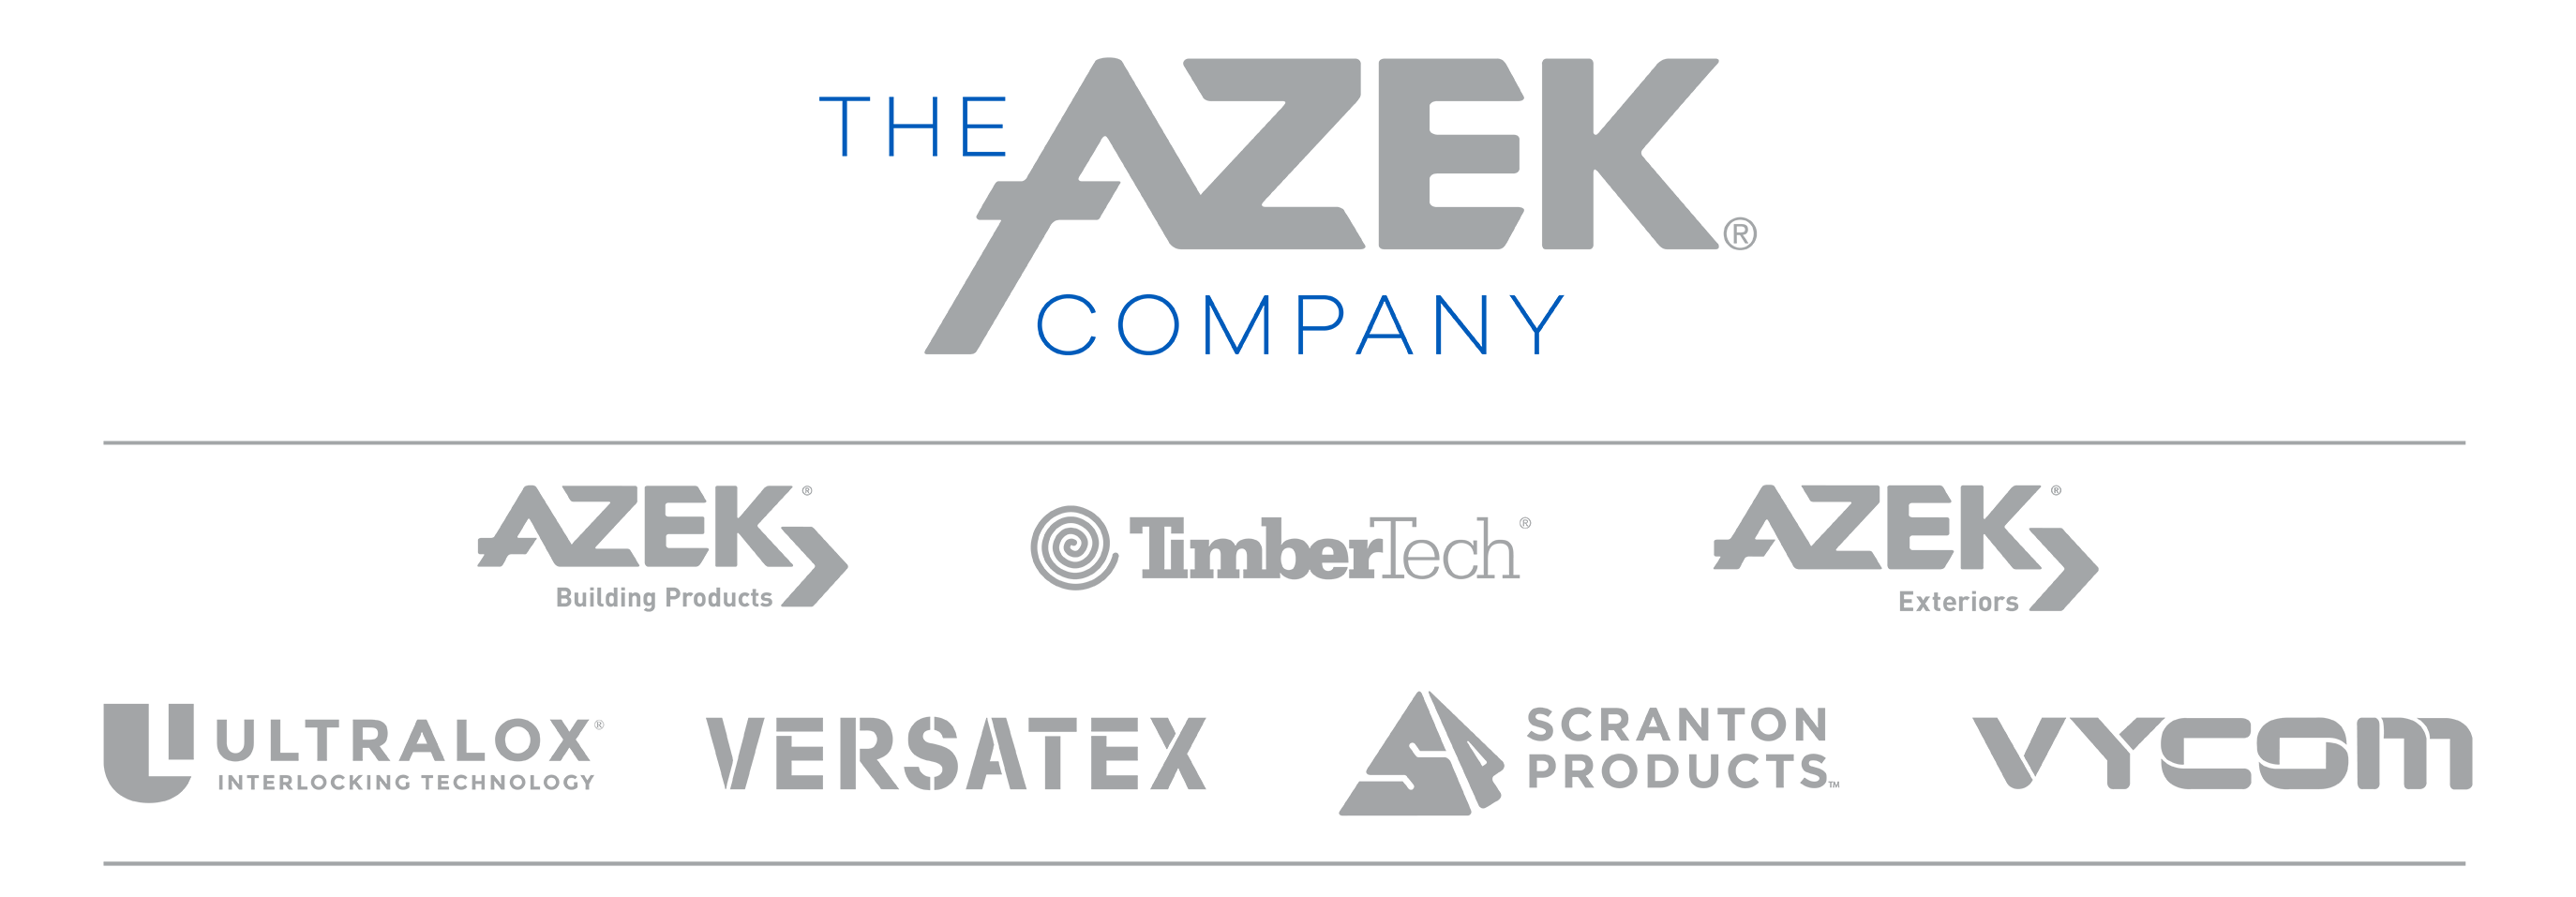 The AZEK Company logo and sub brand logos